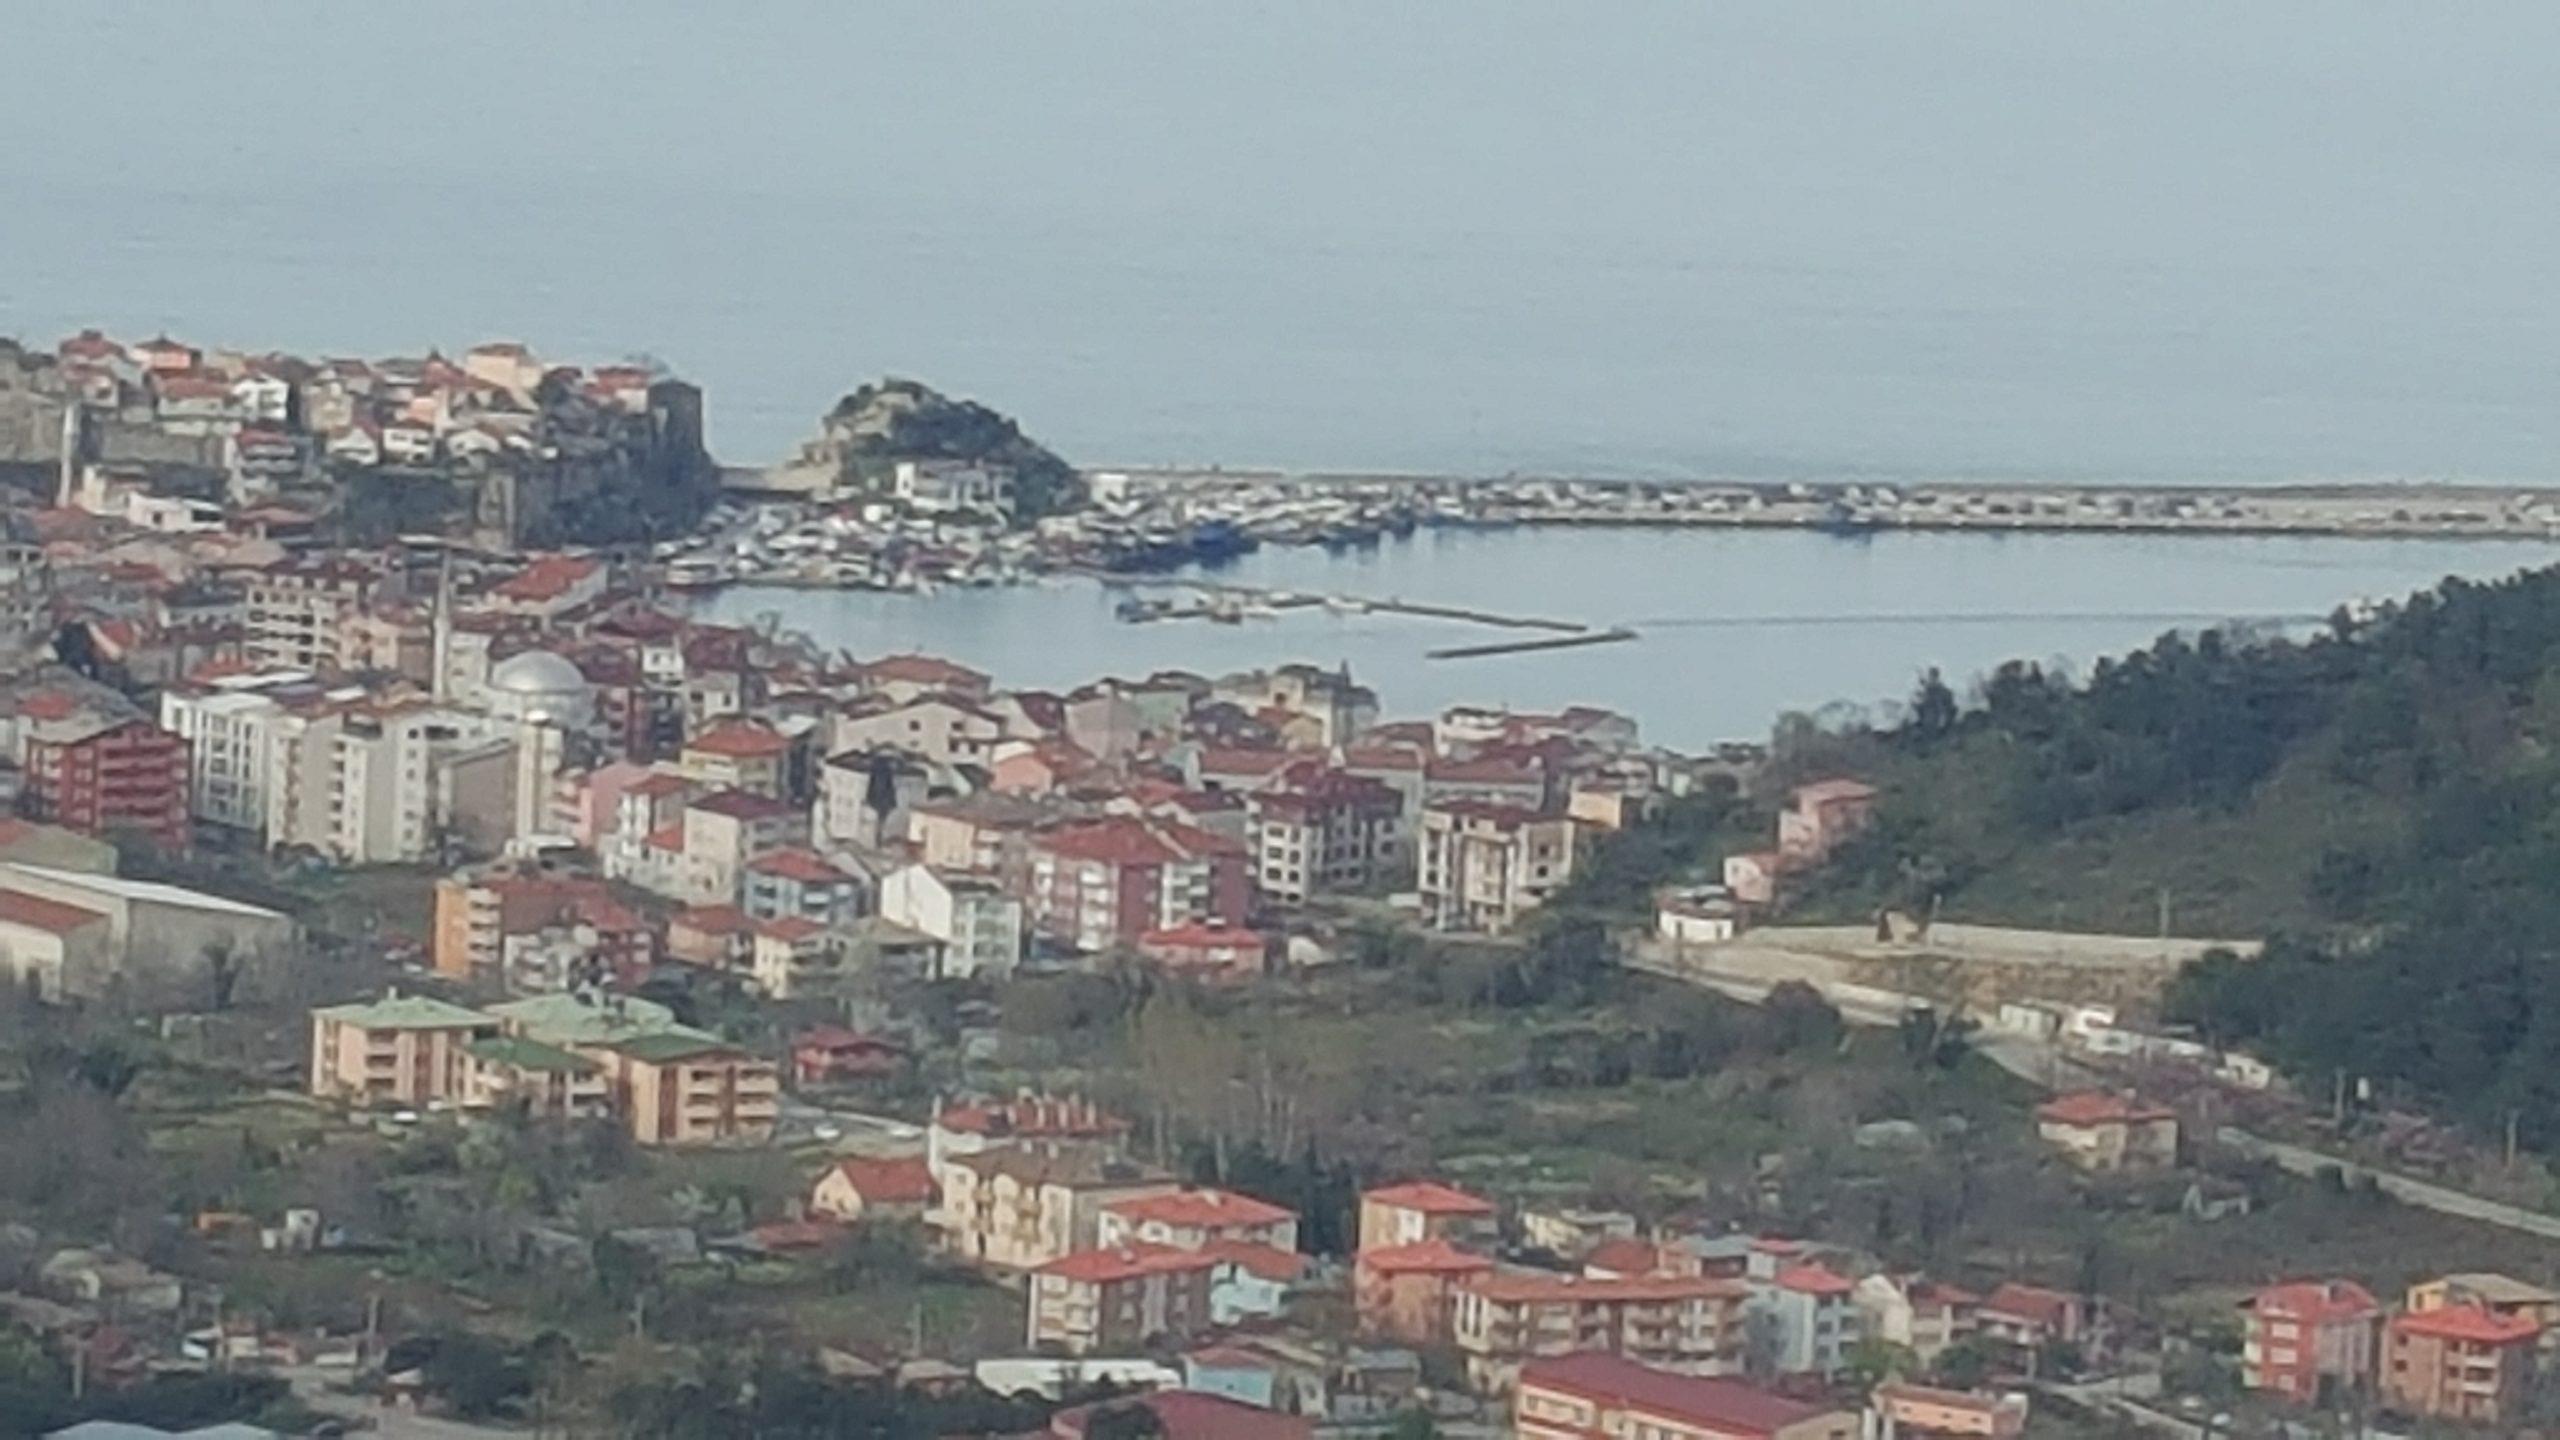 İnkum Gezi Yazısı Planı Rehberi Örneği Turları Butik Oteller encequiconcerne Salon De Jardin Monaco